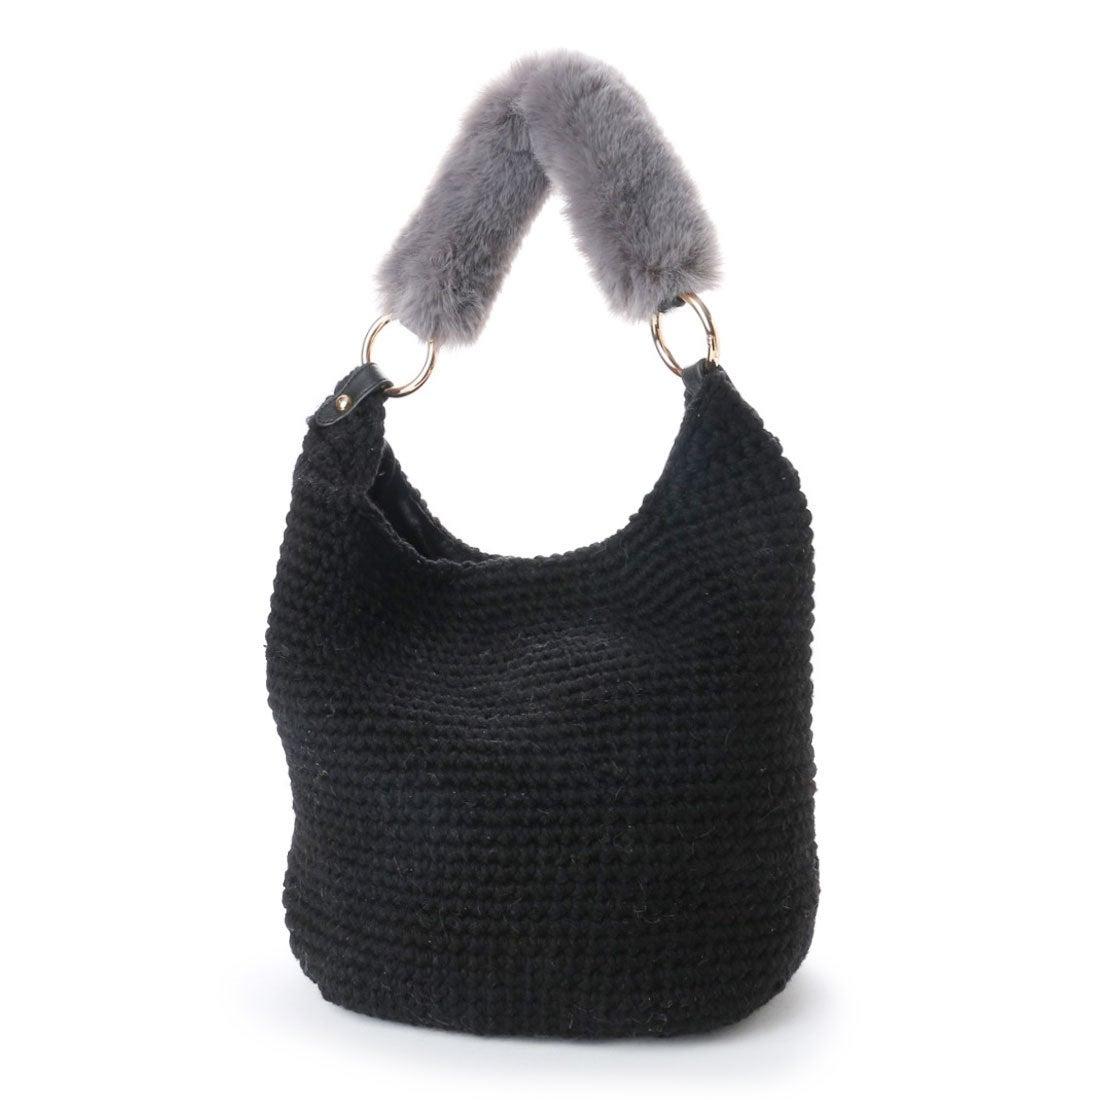 【SALE 50%OFF】カシュカシュ cache cache エコファーハンドル2way手編みバッグ (ブラック) レディース